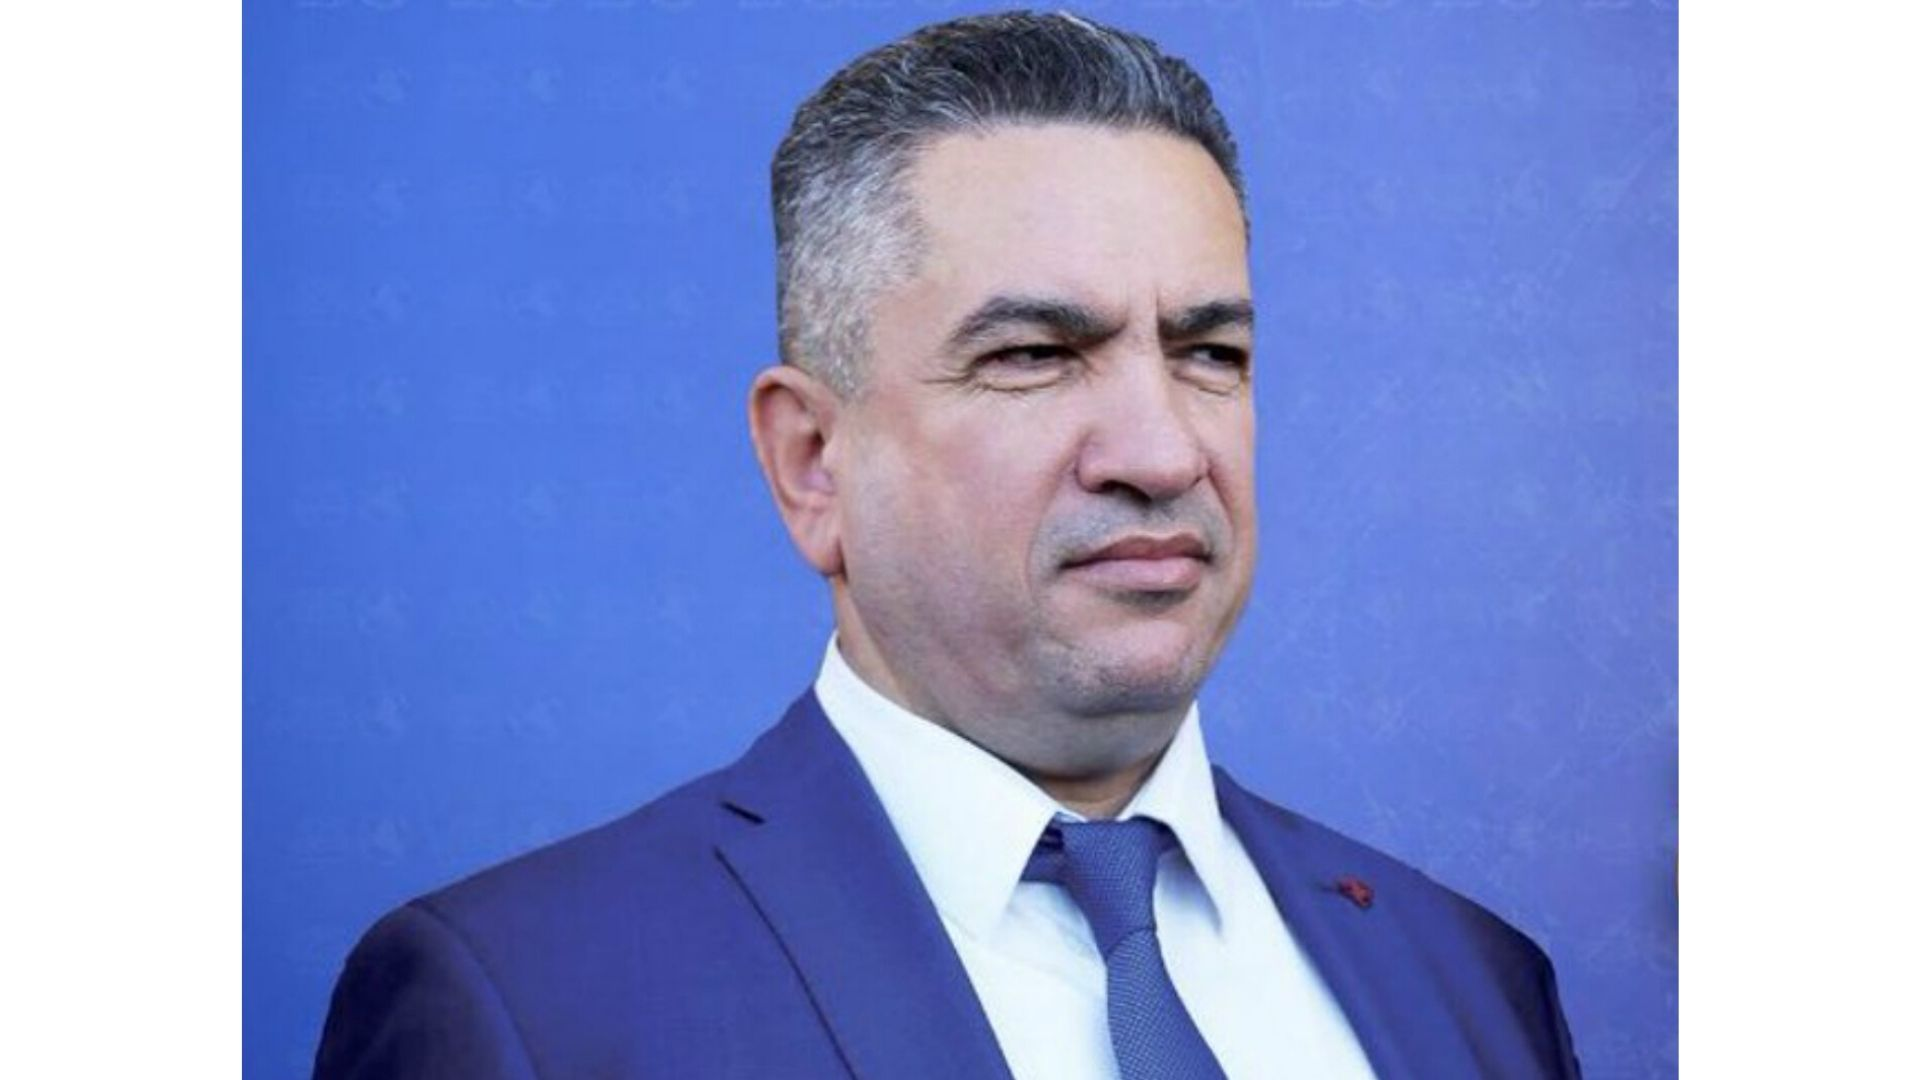 رئيس الوزراء العراقي المكلف يحدد أهداف حكومته